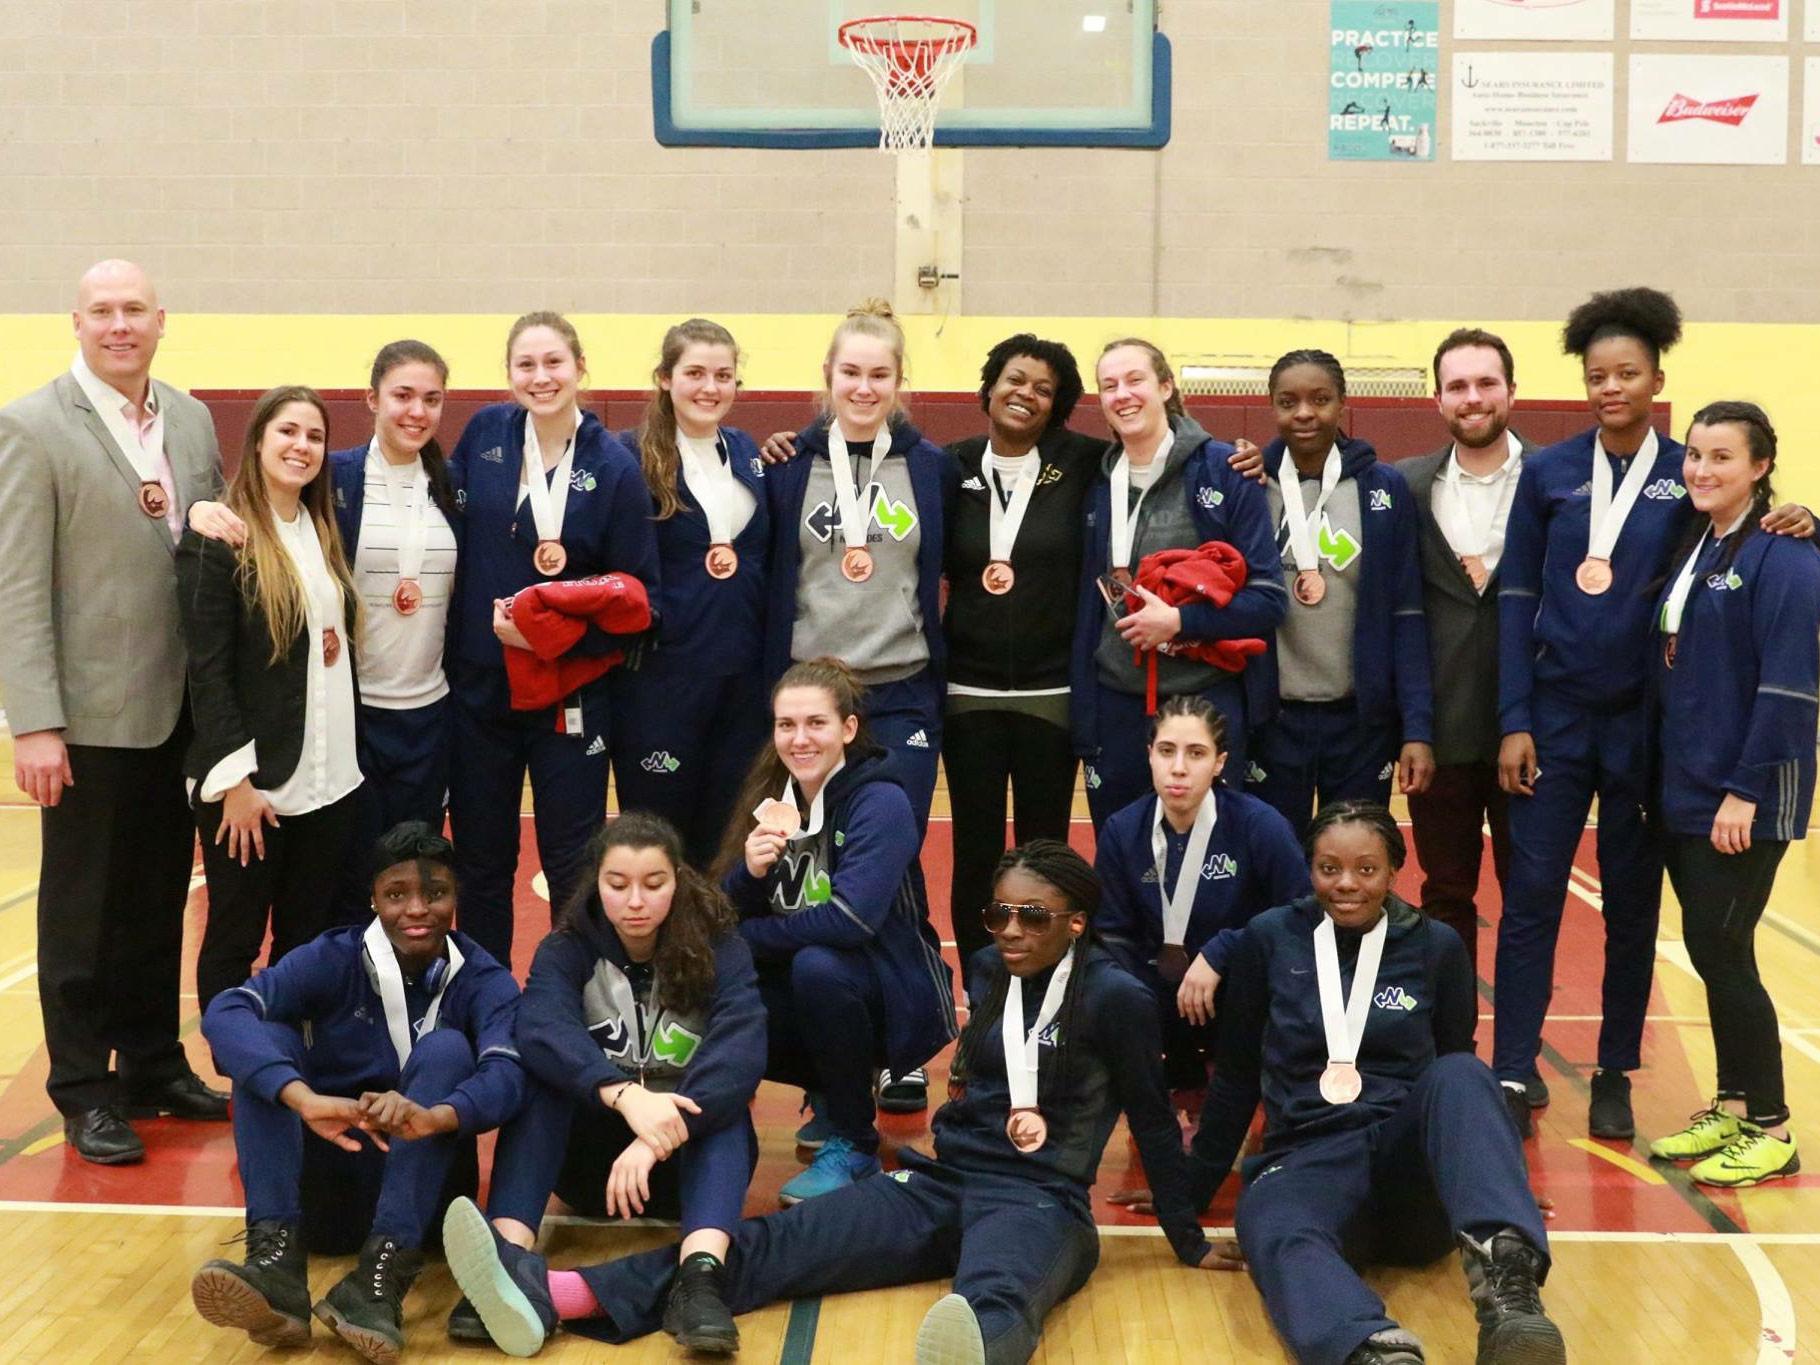 L'équipe féminine division 1 des Nomades a remporté la médaille de bronze au Championnat canadien qui a eu lieu au Nouveau-Brunswick.